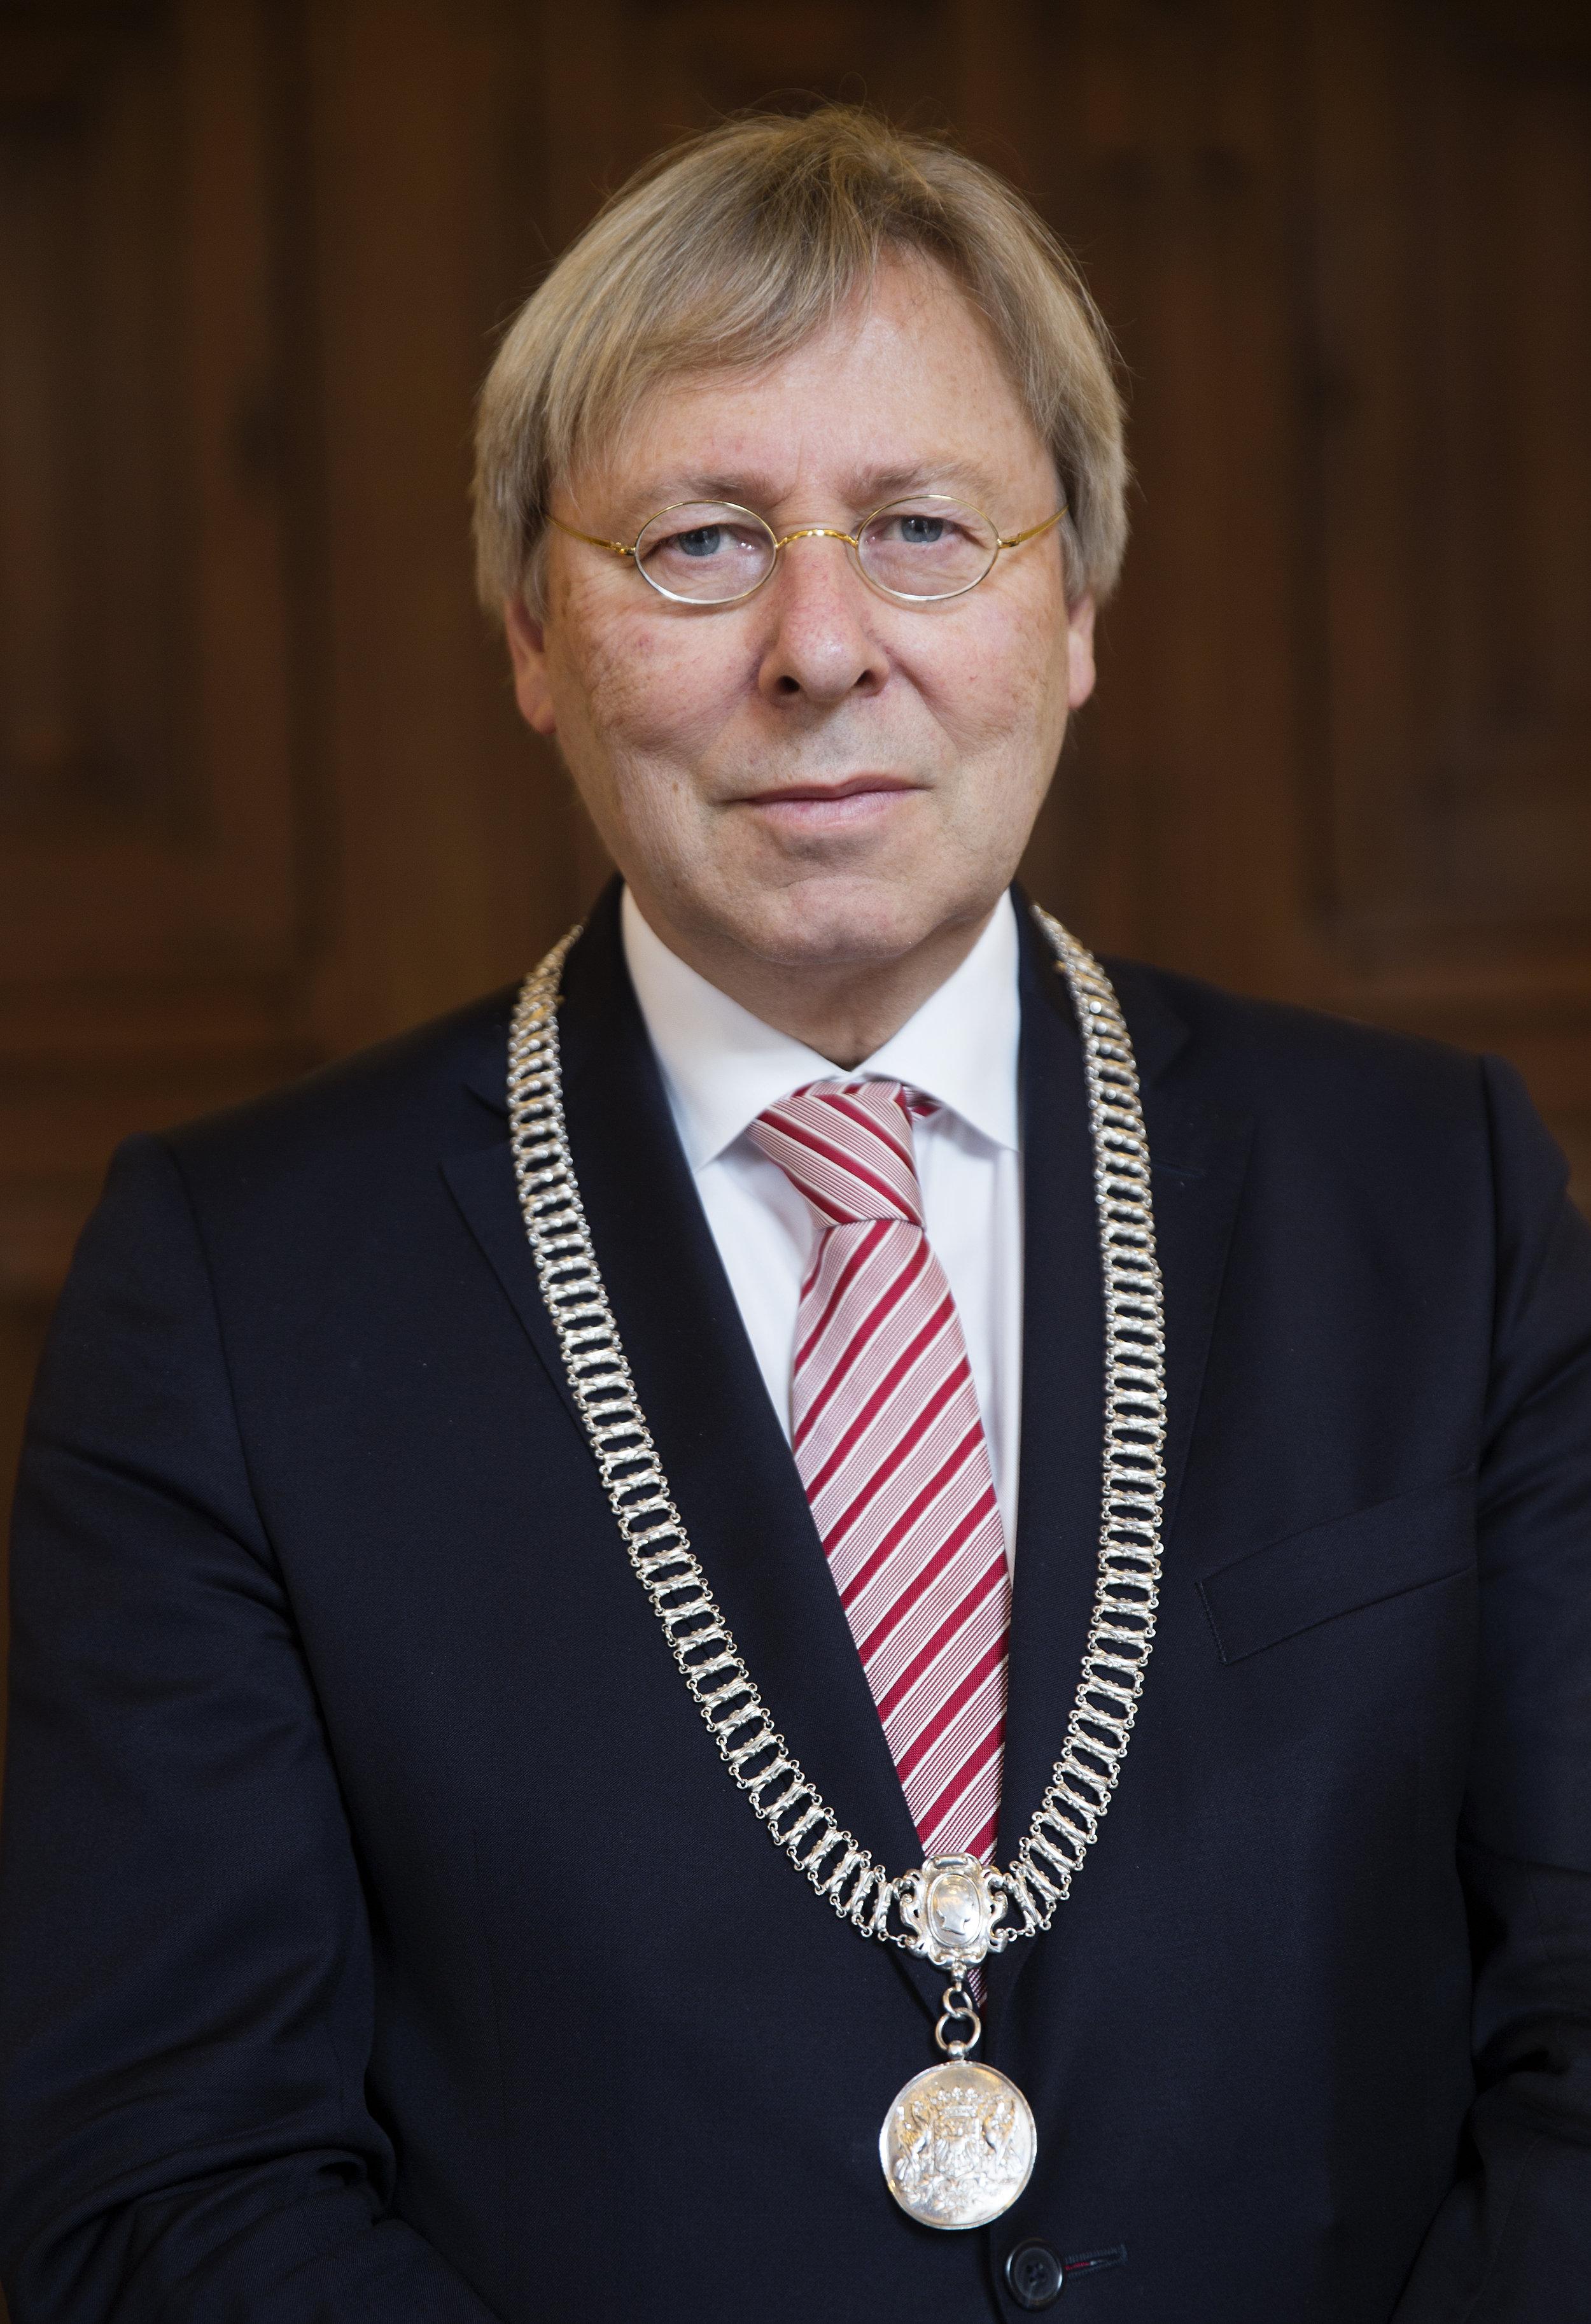 Peter den Oudsten - Mayor of the city of Groningen